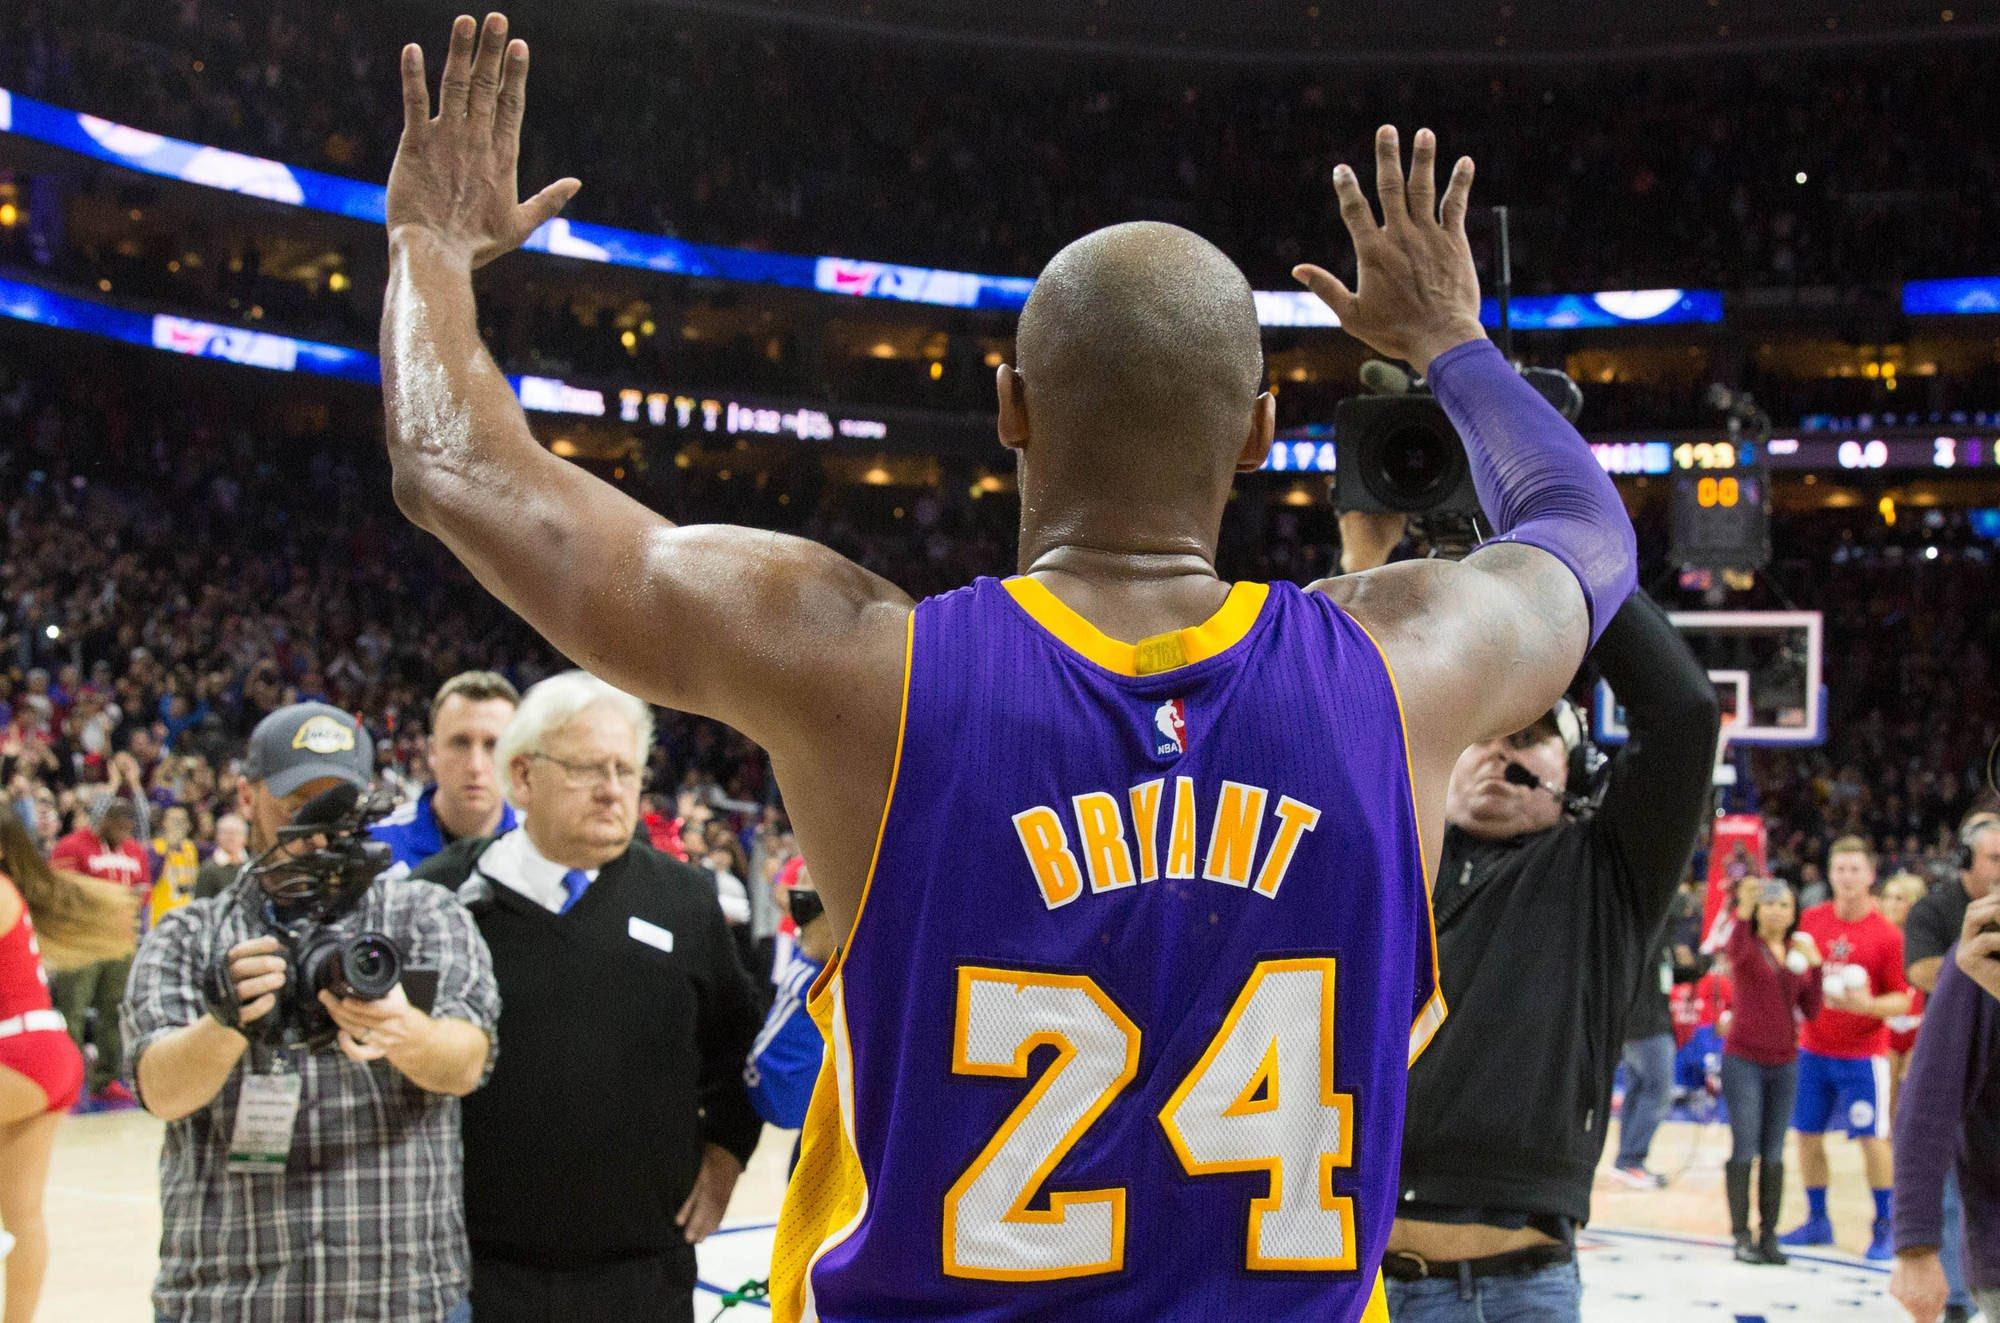 La despedida de Kobe Bryant.